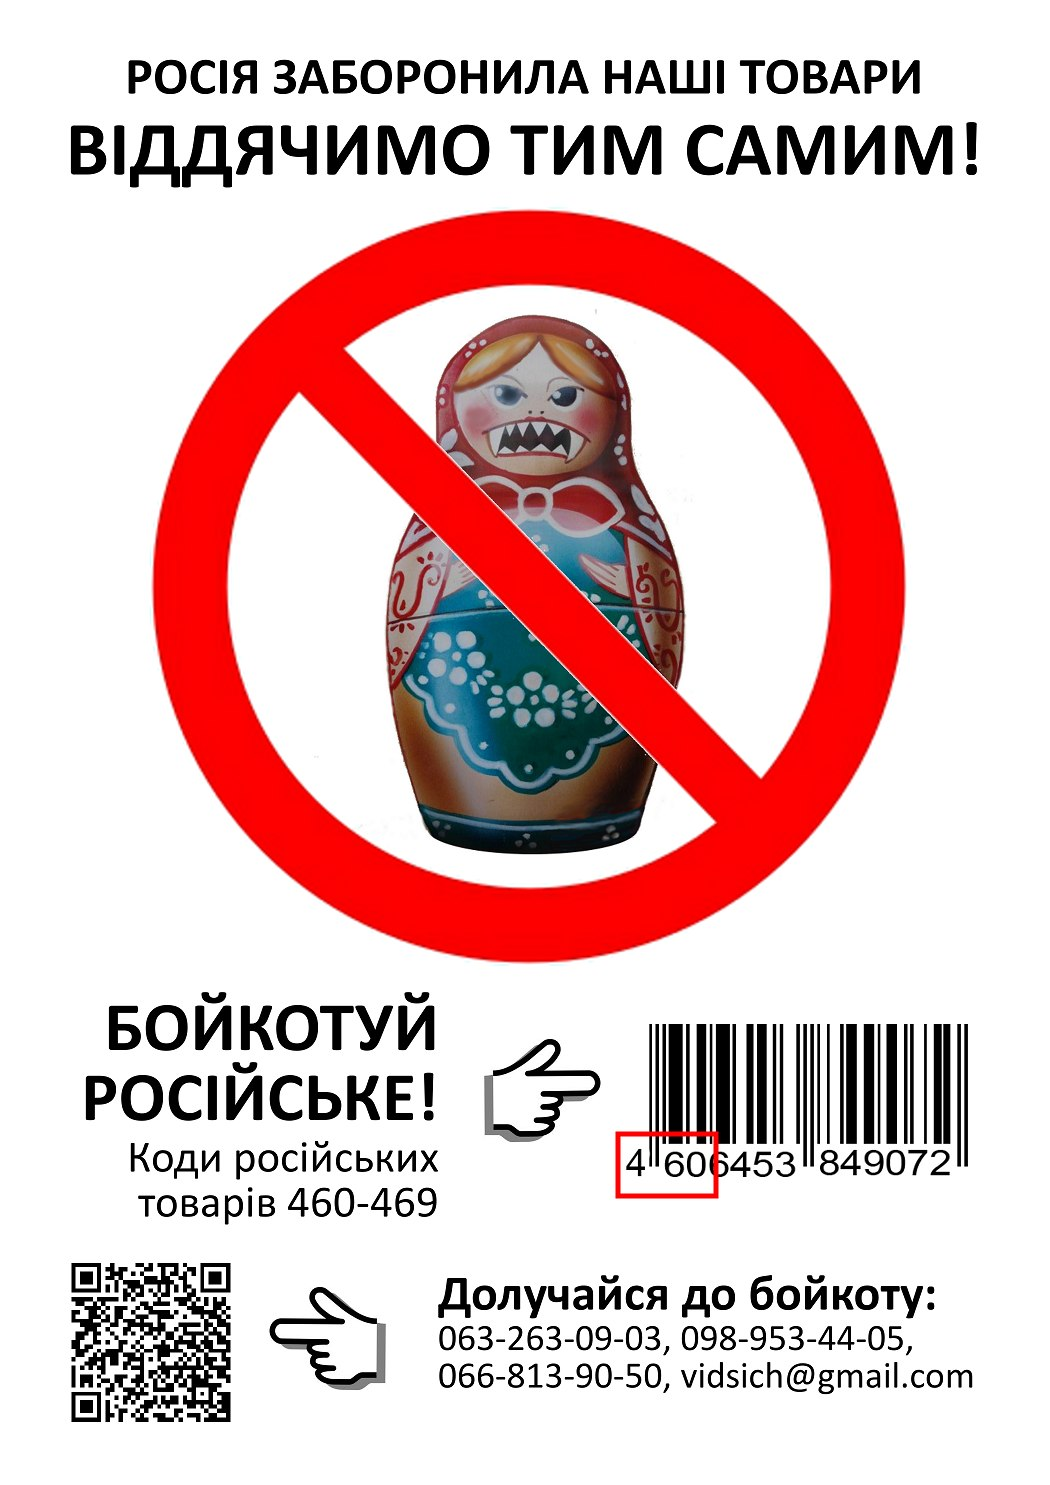 На российских таможнях продолжают тщательно проверять украинские товары - Цензор.НЕТ 9606